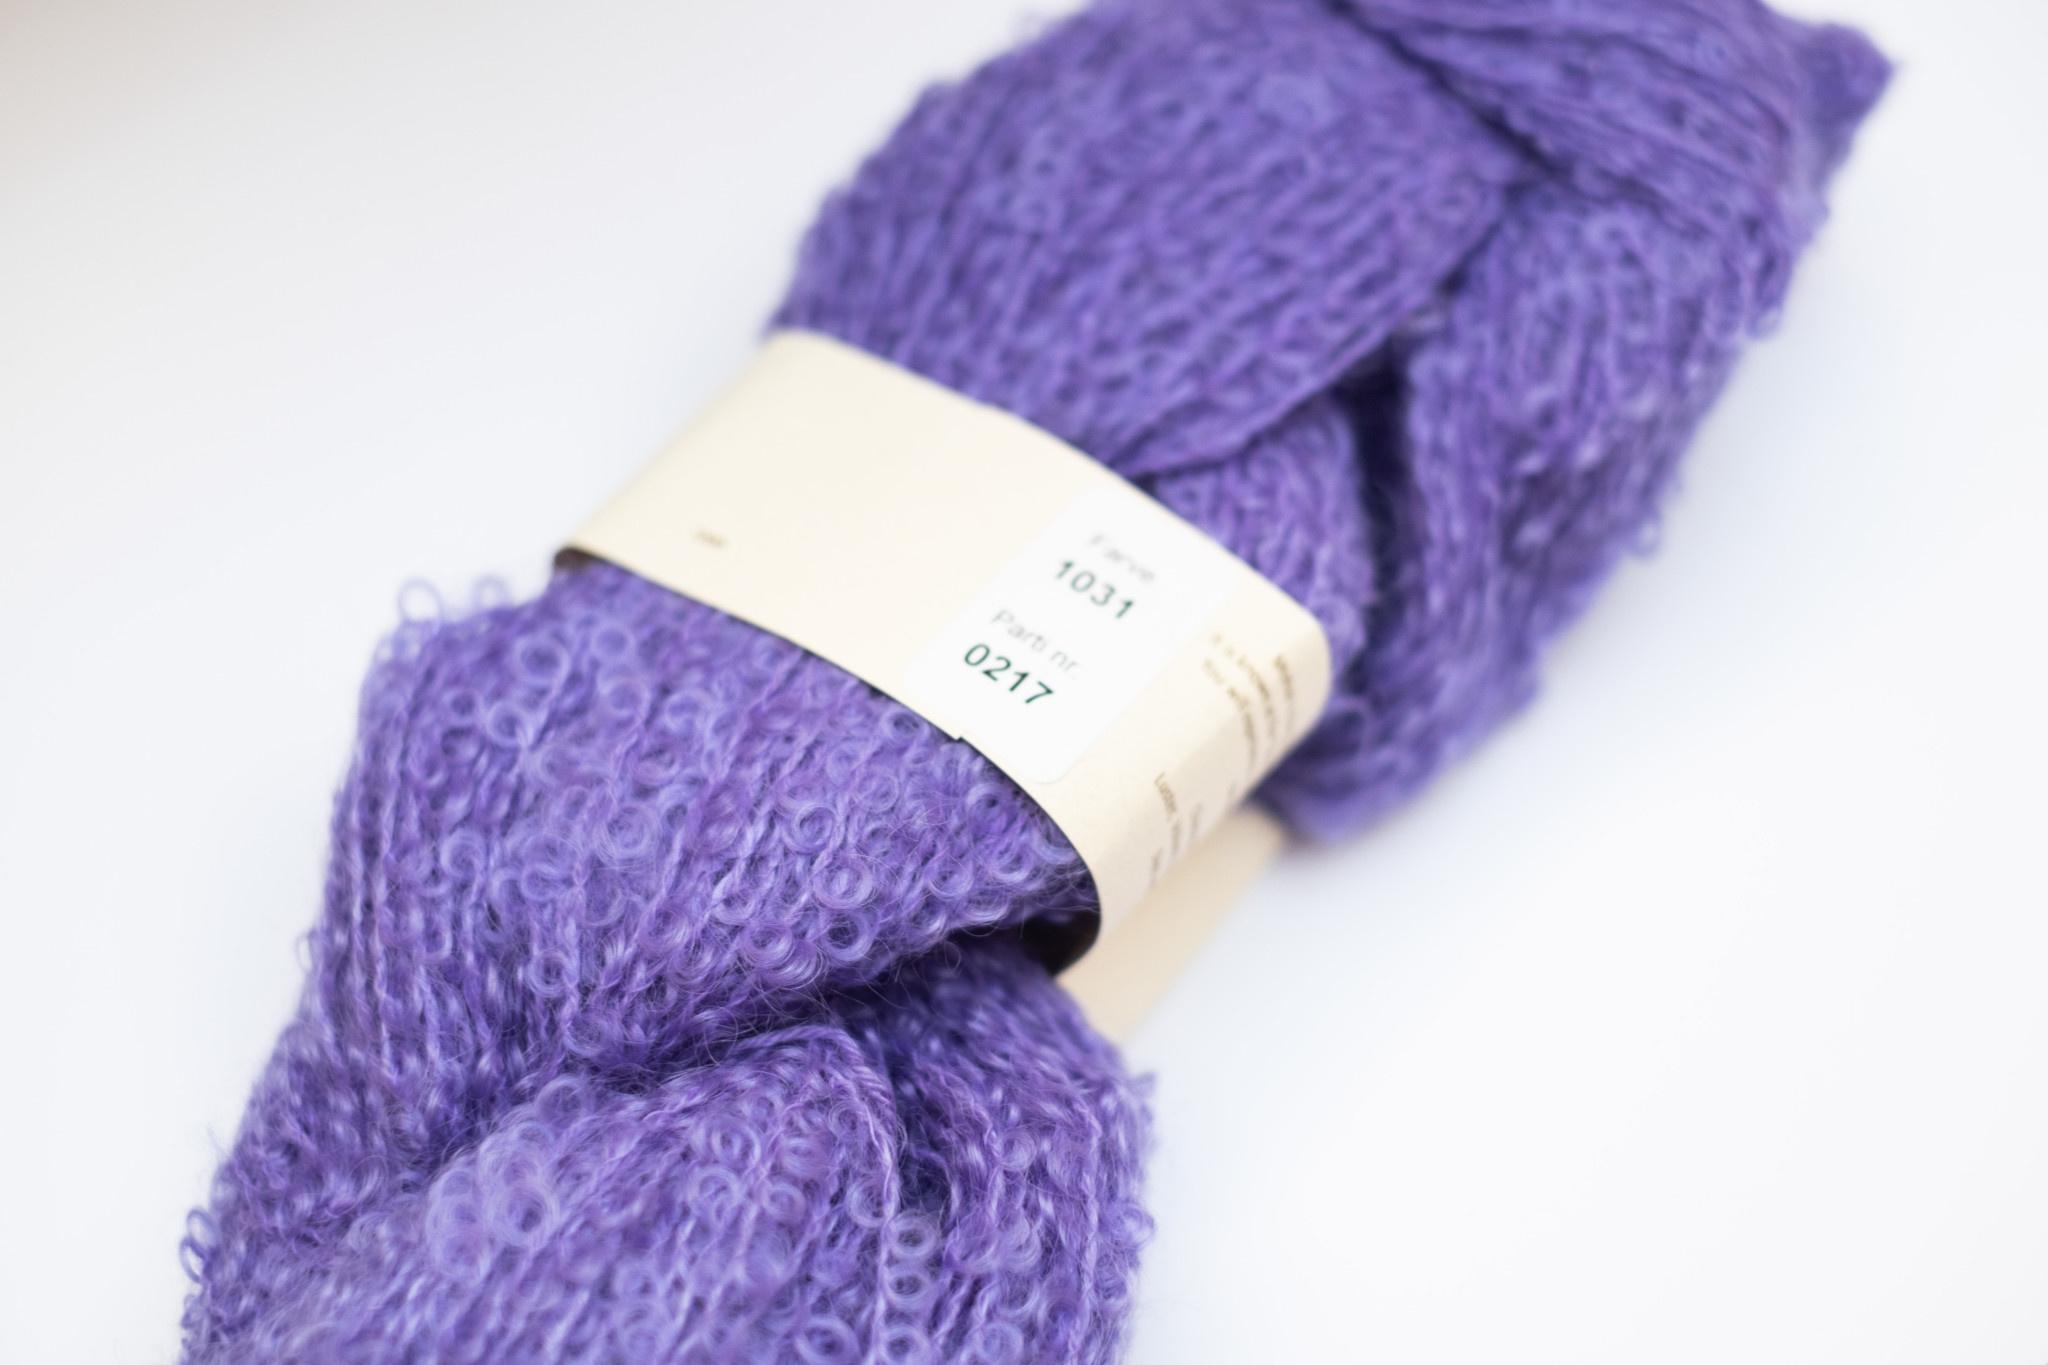 Mohair By Canard Mohair By Canard bouclé - Lavendel 1031